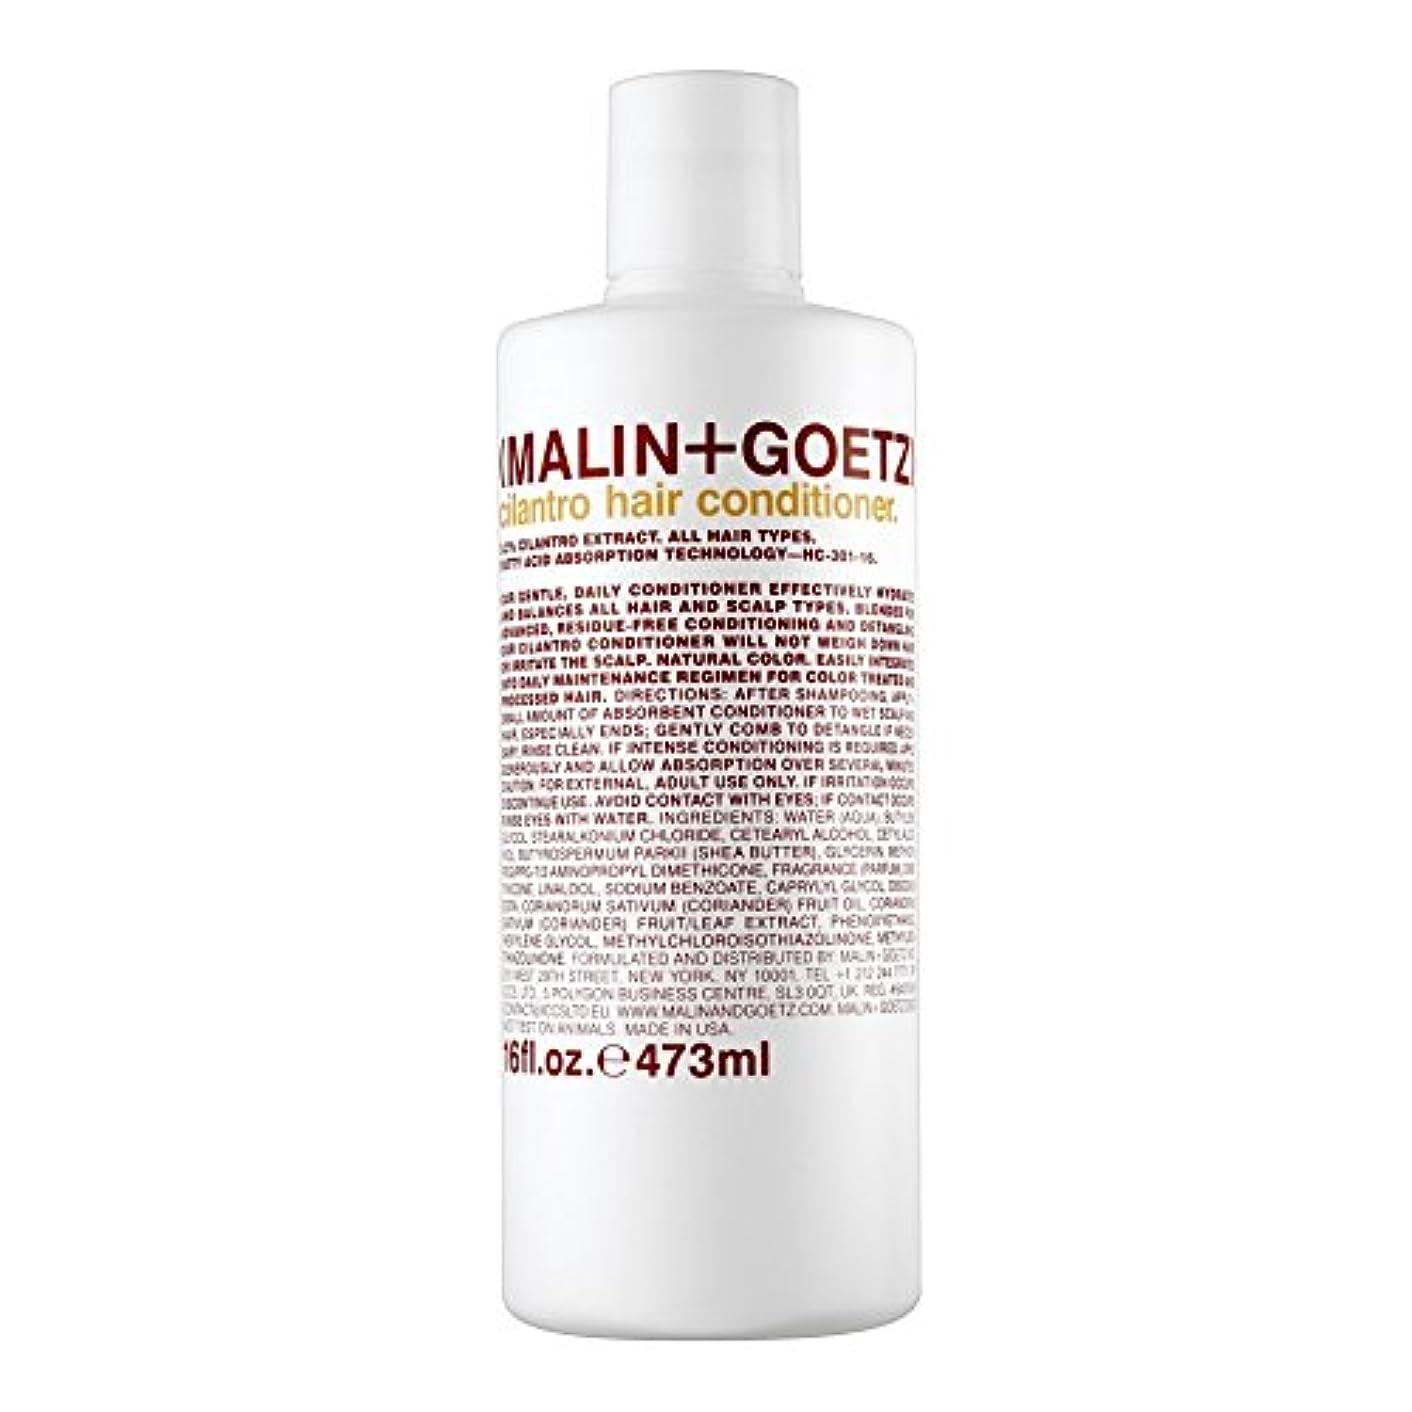 顎崖鳩マリン+ゲッツコリアンダーのヘアコンディショナー473ミリリットル x4 - MALIN+GOETZ Cilantro Hair Conditioner 473ml (Pack of 4) [並行輸入品]